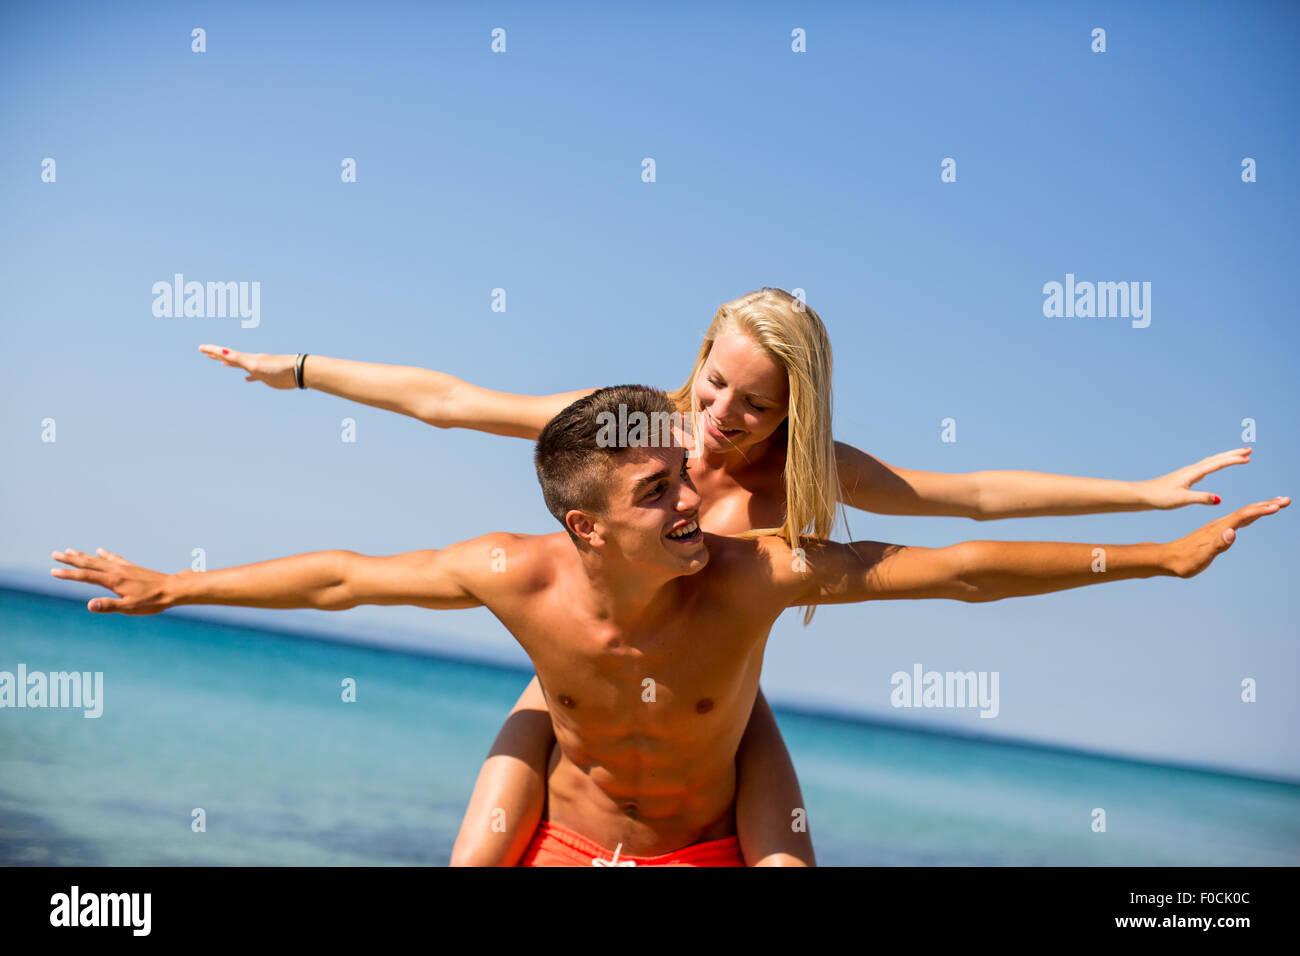 Coppia giovane rilassante sulla spiaggia Immagini Stock